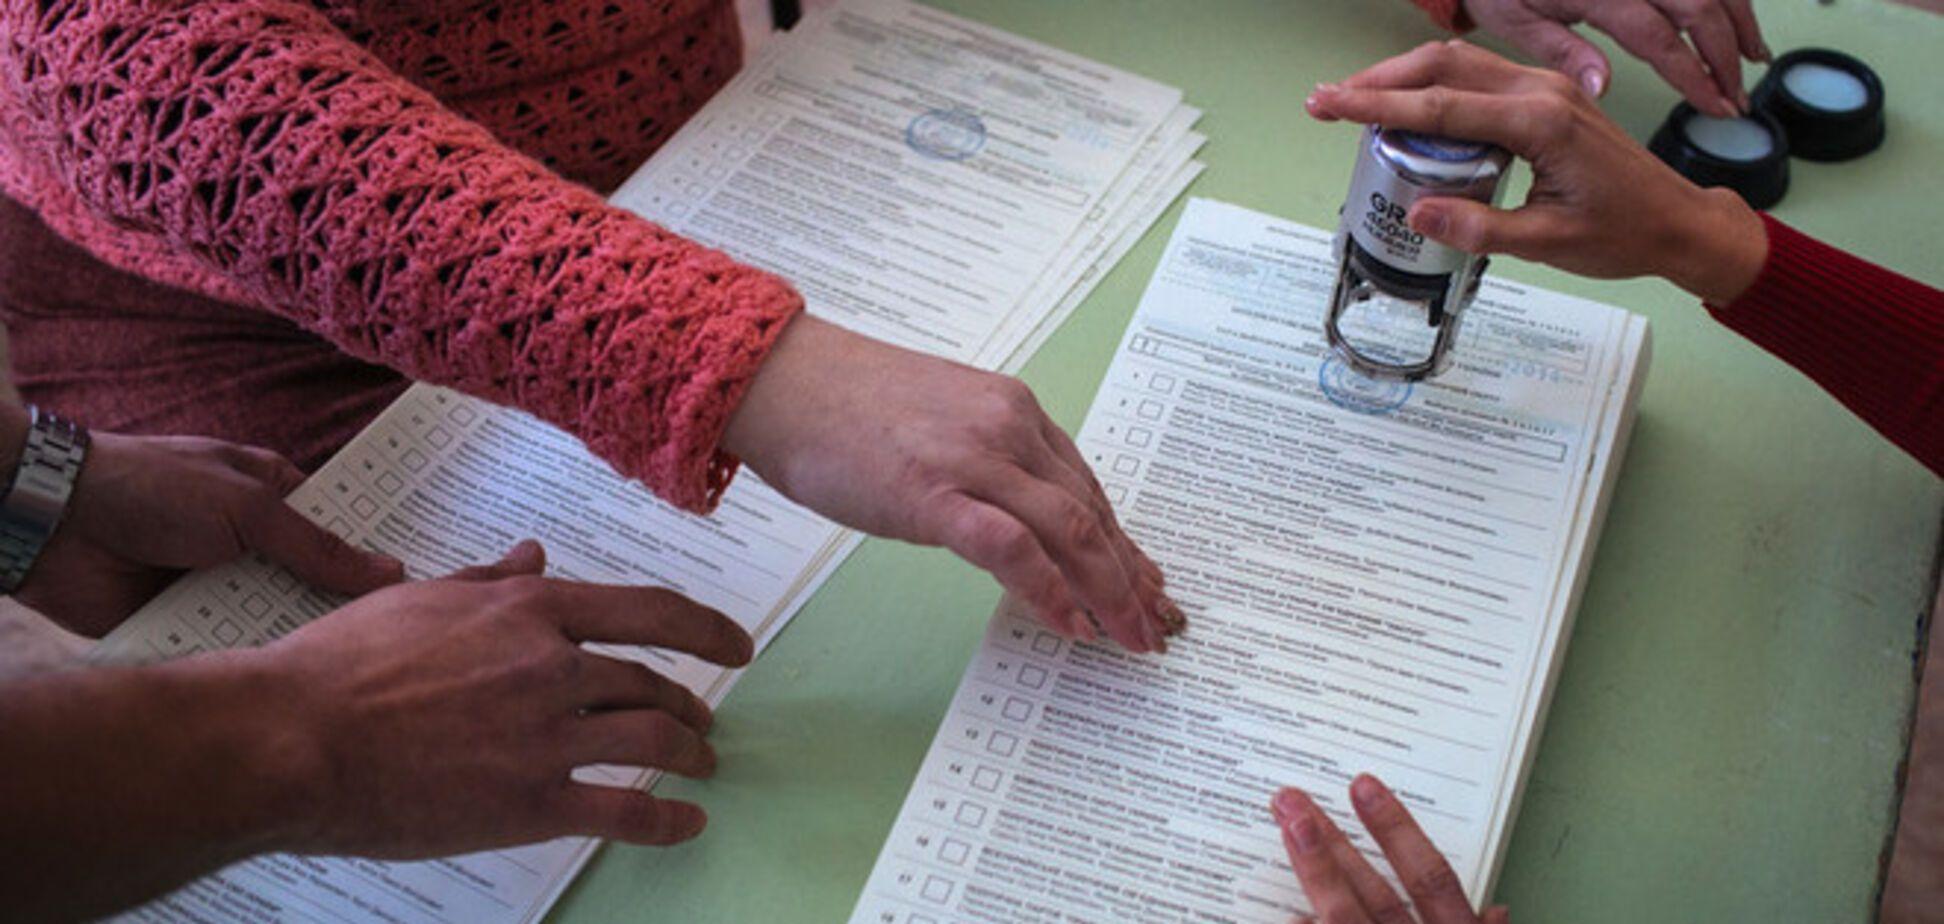 За нарушения на выборах открыто 300 уголовных дел